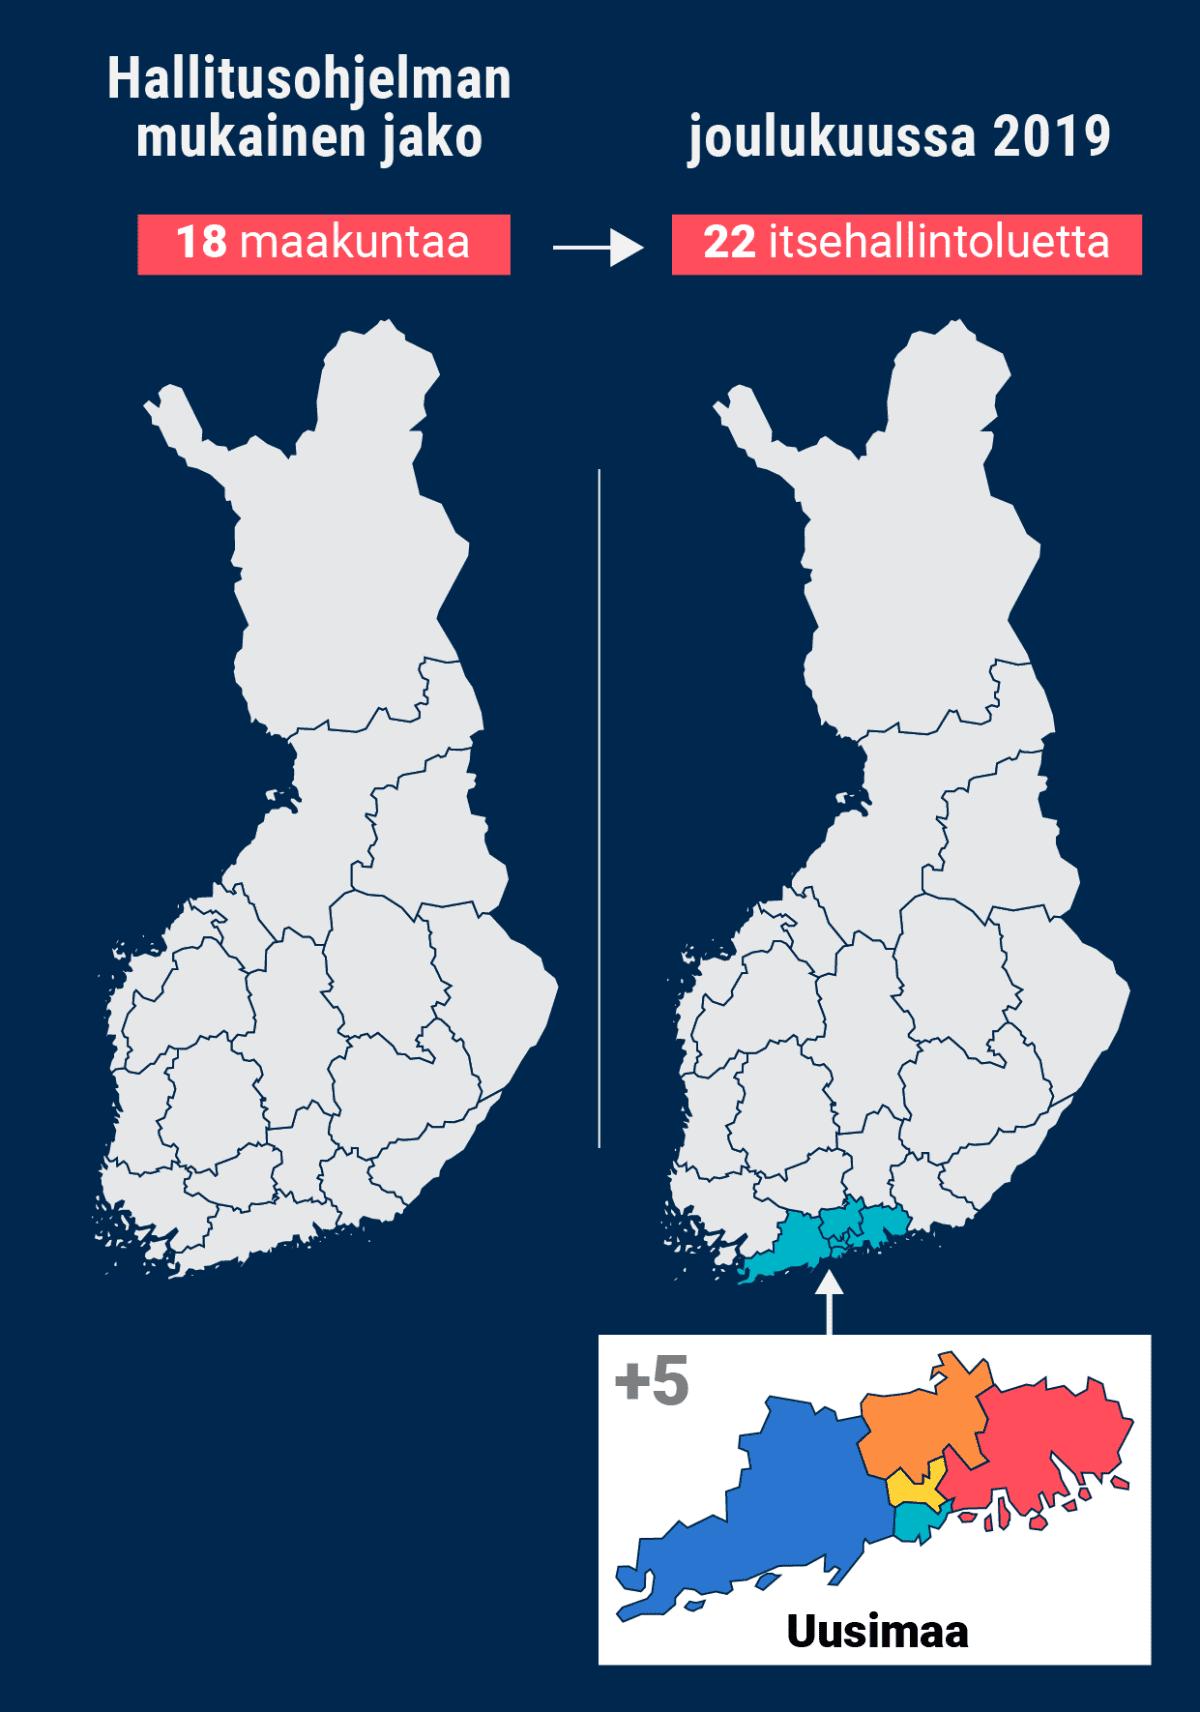 Kunnat eivät enää vastaa sosiaali- ja terveyspalveluista - vastuu siirtyy 22 alueelle ja Helsingille. Hallitusohjelman mukaan vastuu sosiaali- ja terveyspalveluista siirretään pois kunnilta itsehallinnollisille maakunnille. Hallitusohjelman mukaan niitä piti olla 18.